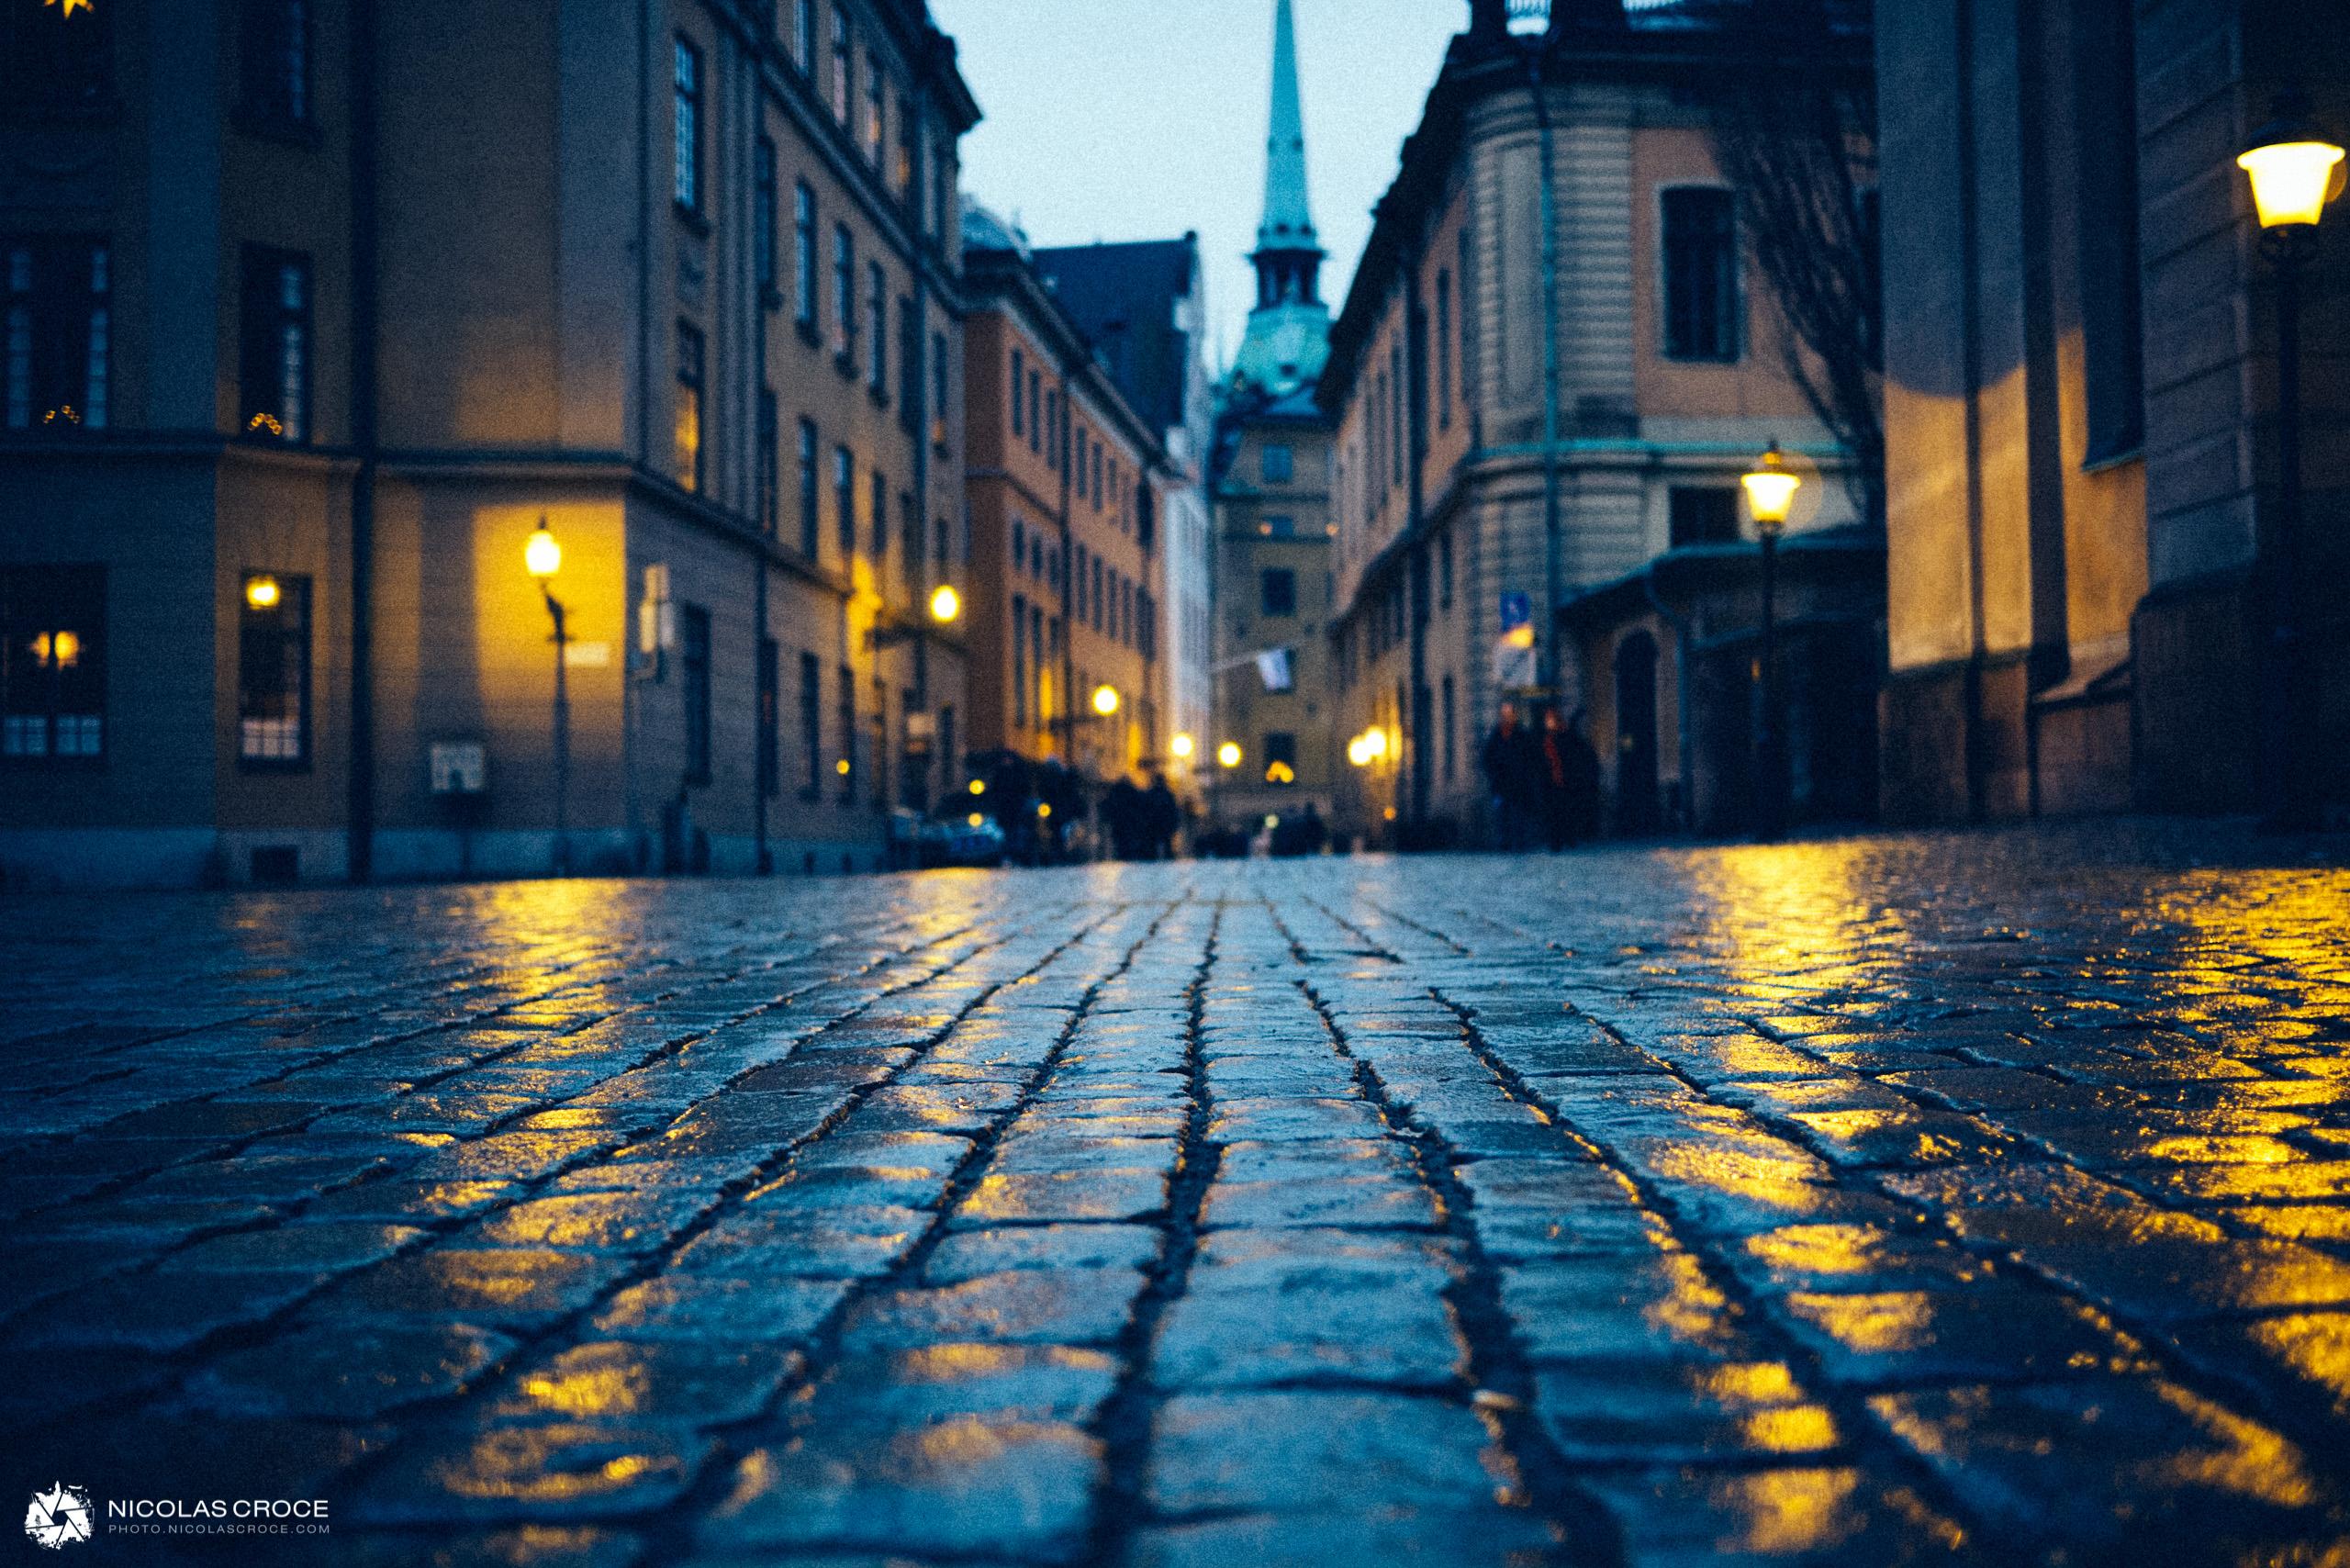 Une ruelle de Gamla Stan (la vielle ville) à Stockholm